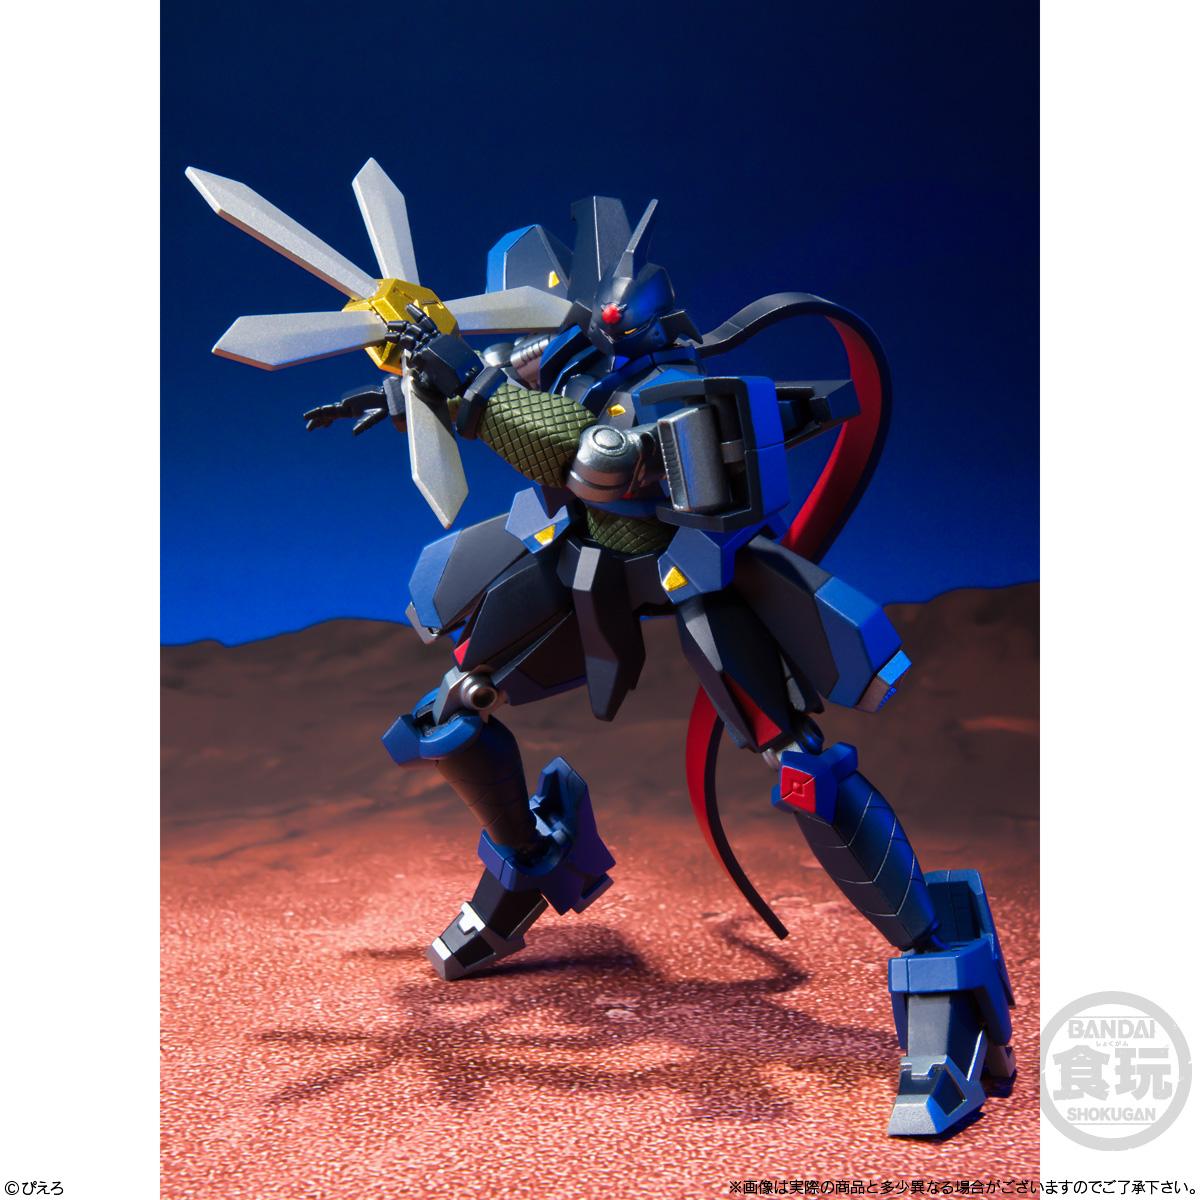 【食玩】スーパーミニプラ『忍者戦士 飛影Vol.3』3個入りBOX-004